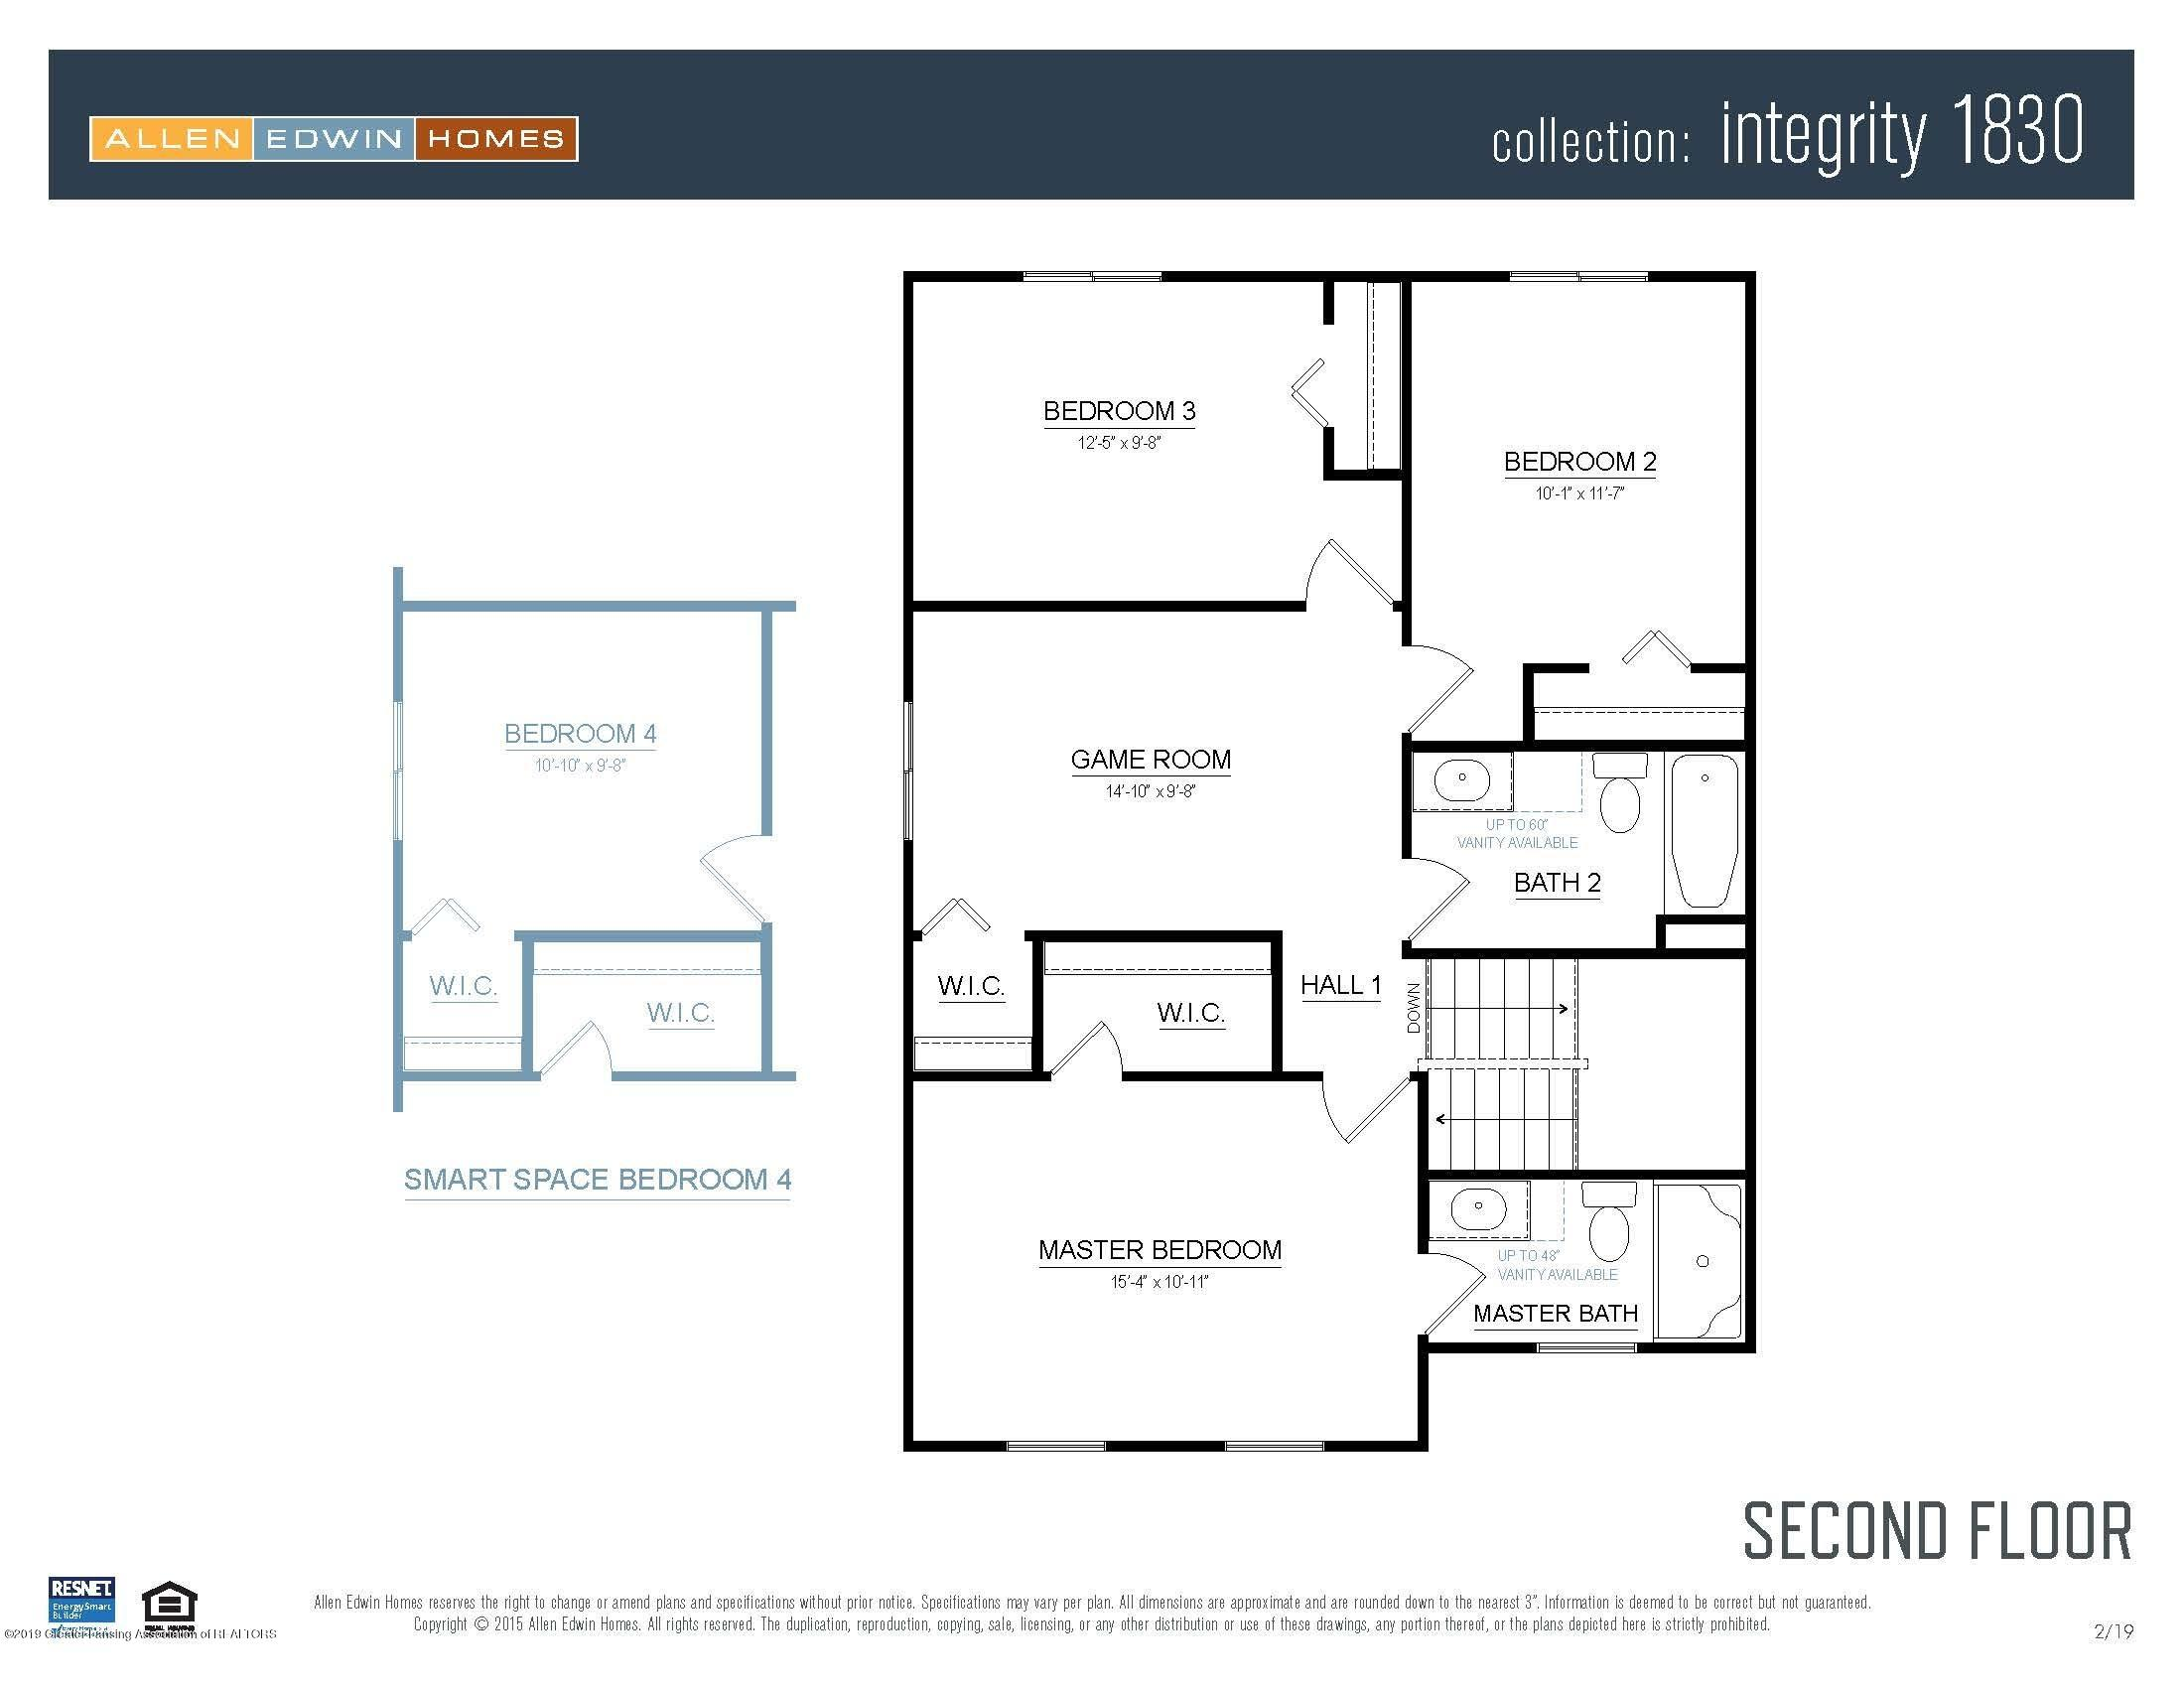 1125 River Oaks Dr - Integrity 1830 V8.1a Second Floor - 4